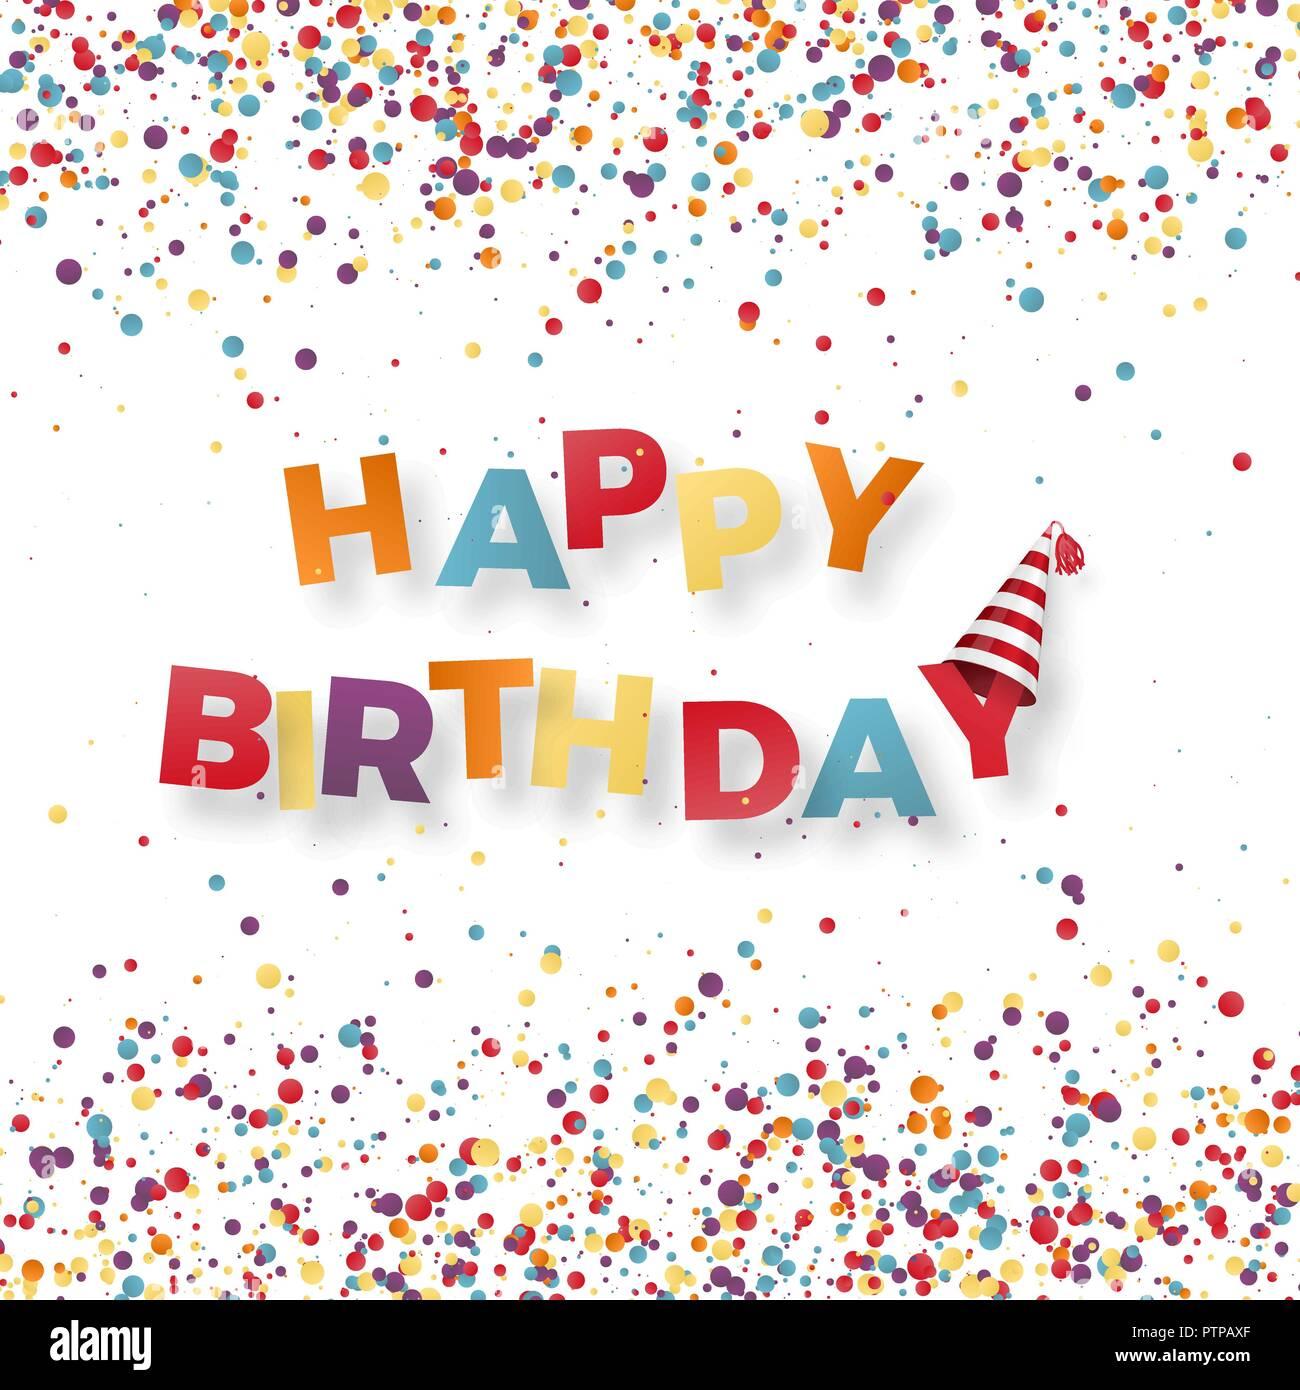 Happy birthday holiday banner  Inscription happy birthday on